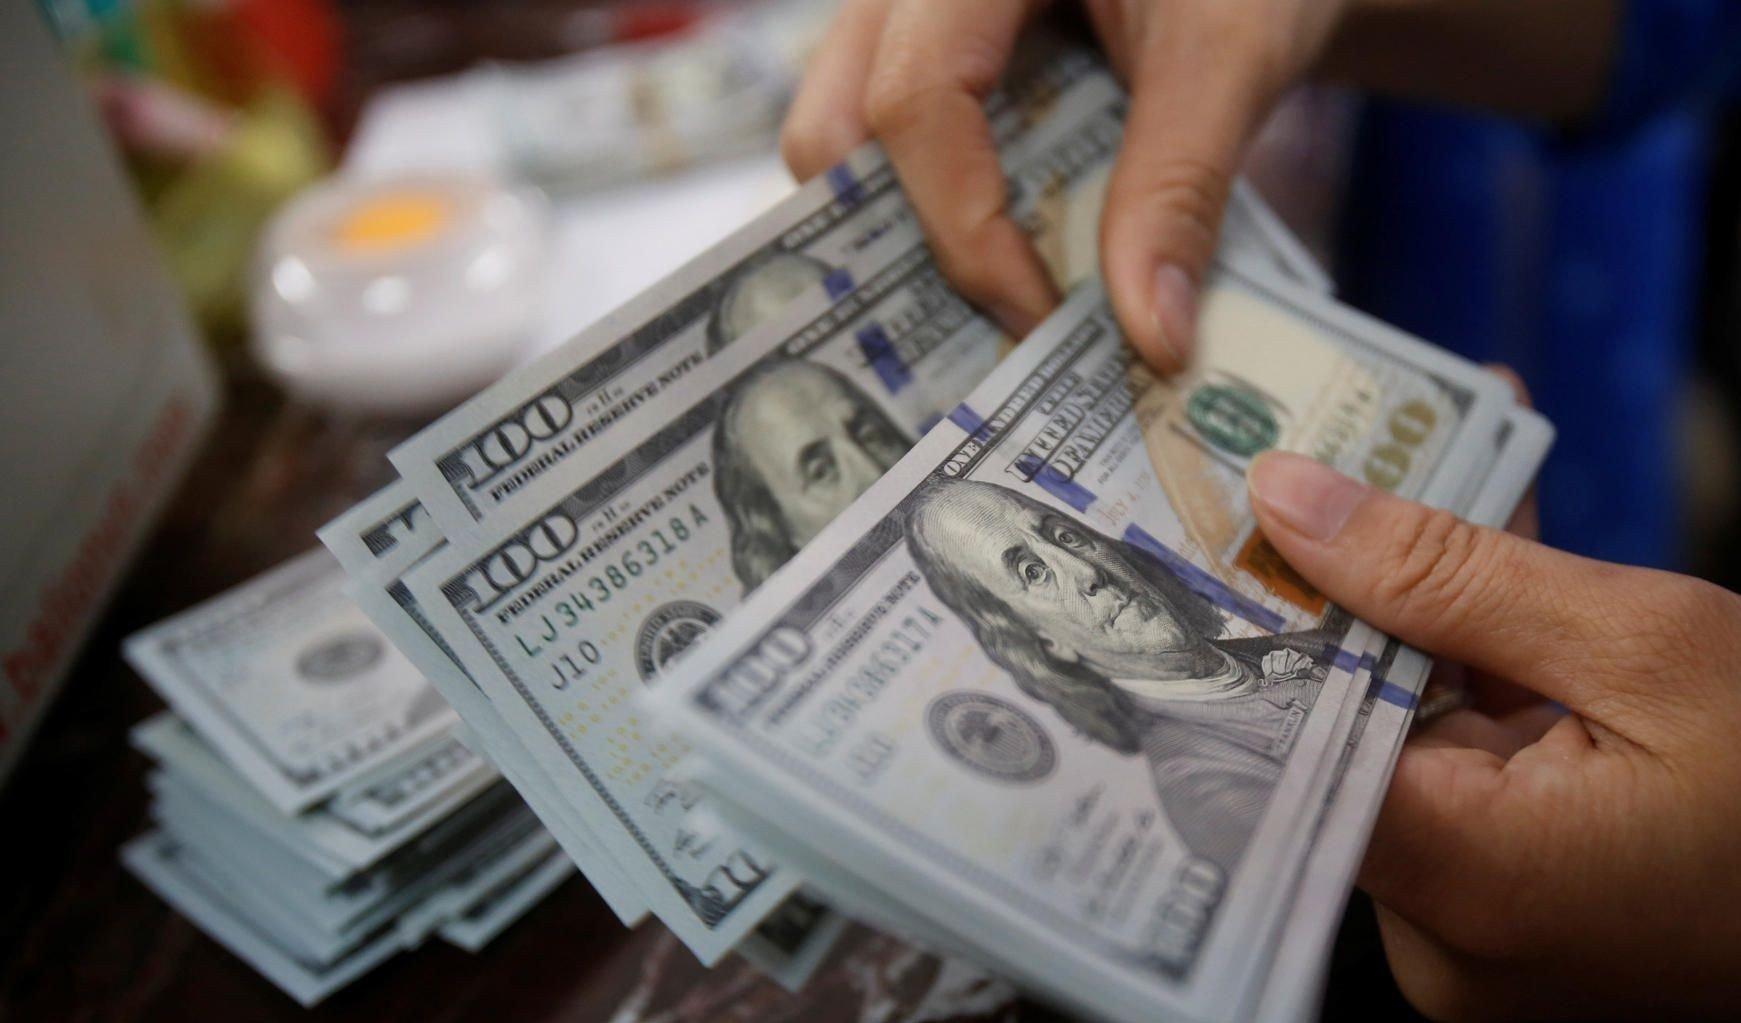 سعر الدولار اليوم الإثنين 11-1- 2021 في جميع البنوك المصرية وتوقعات الخبراء 2